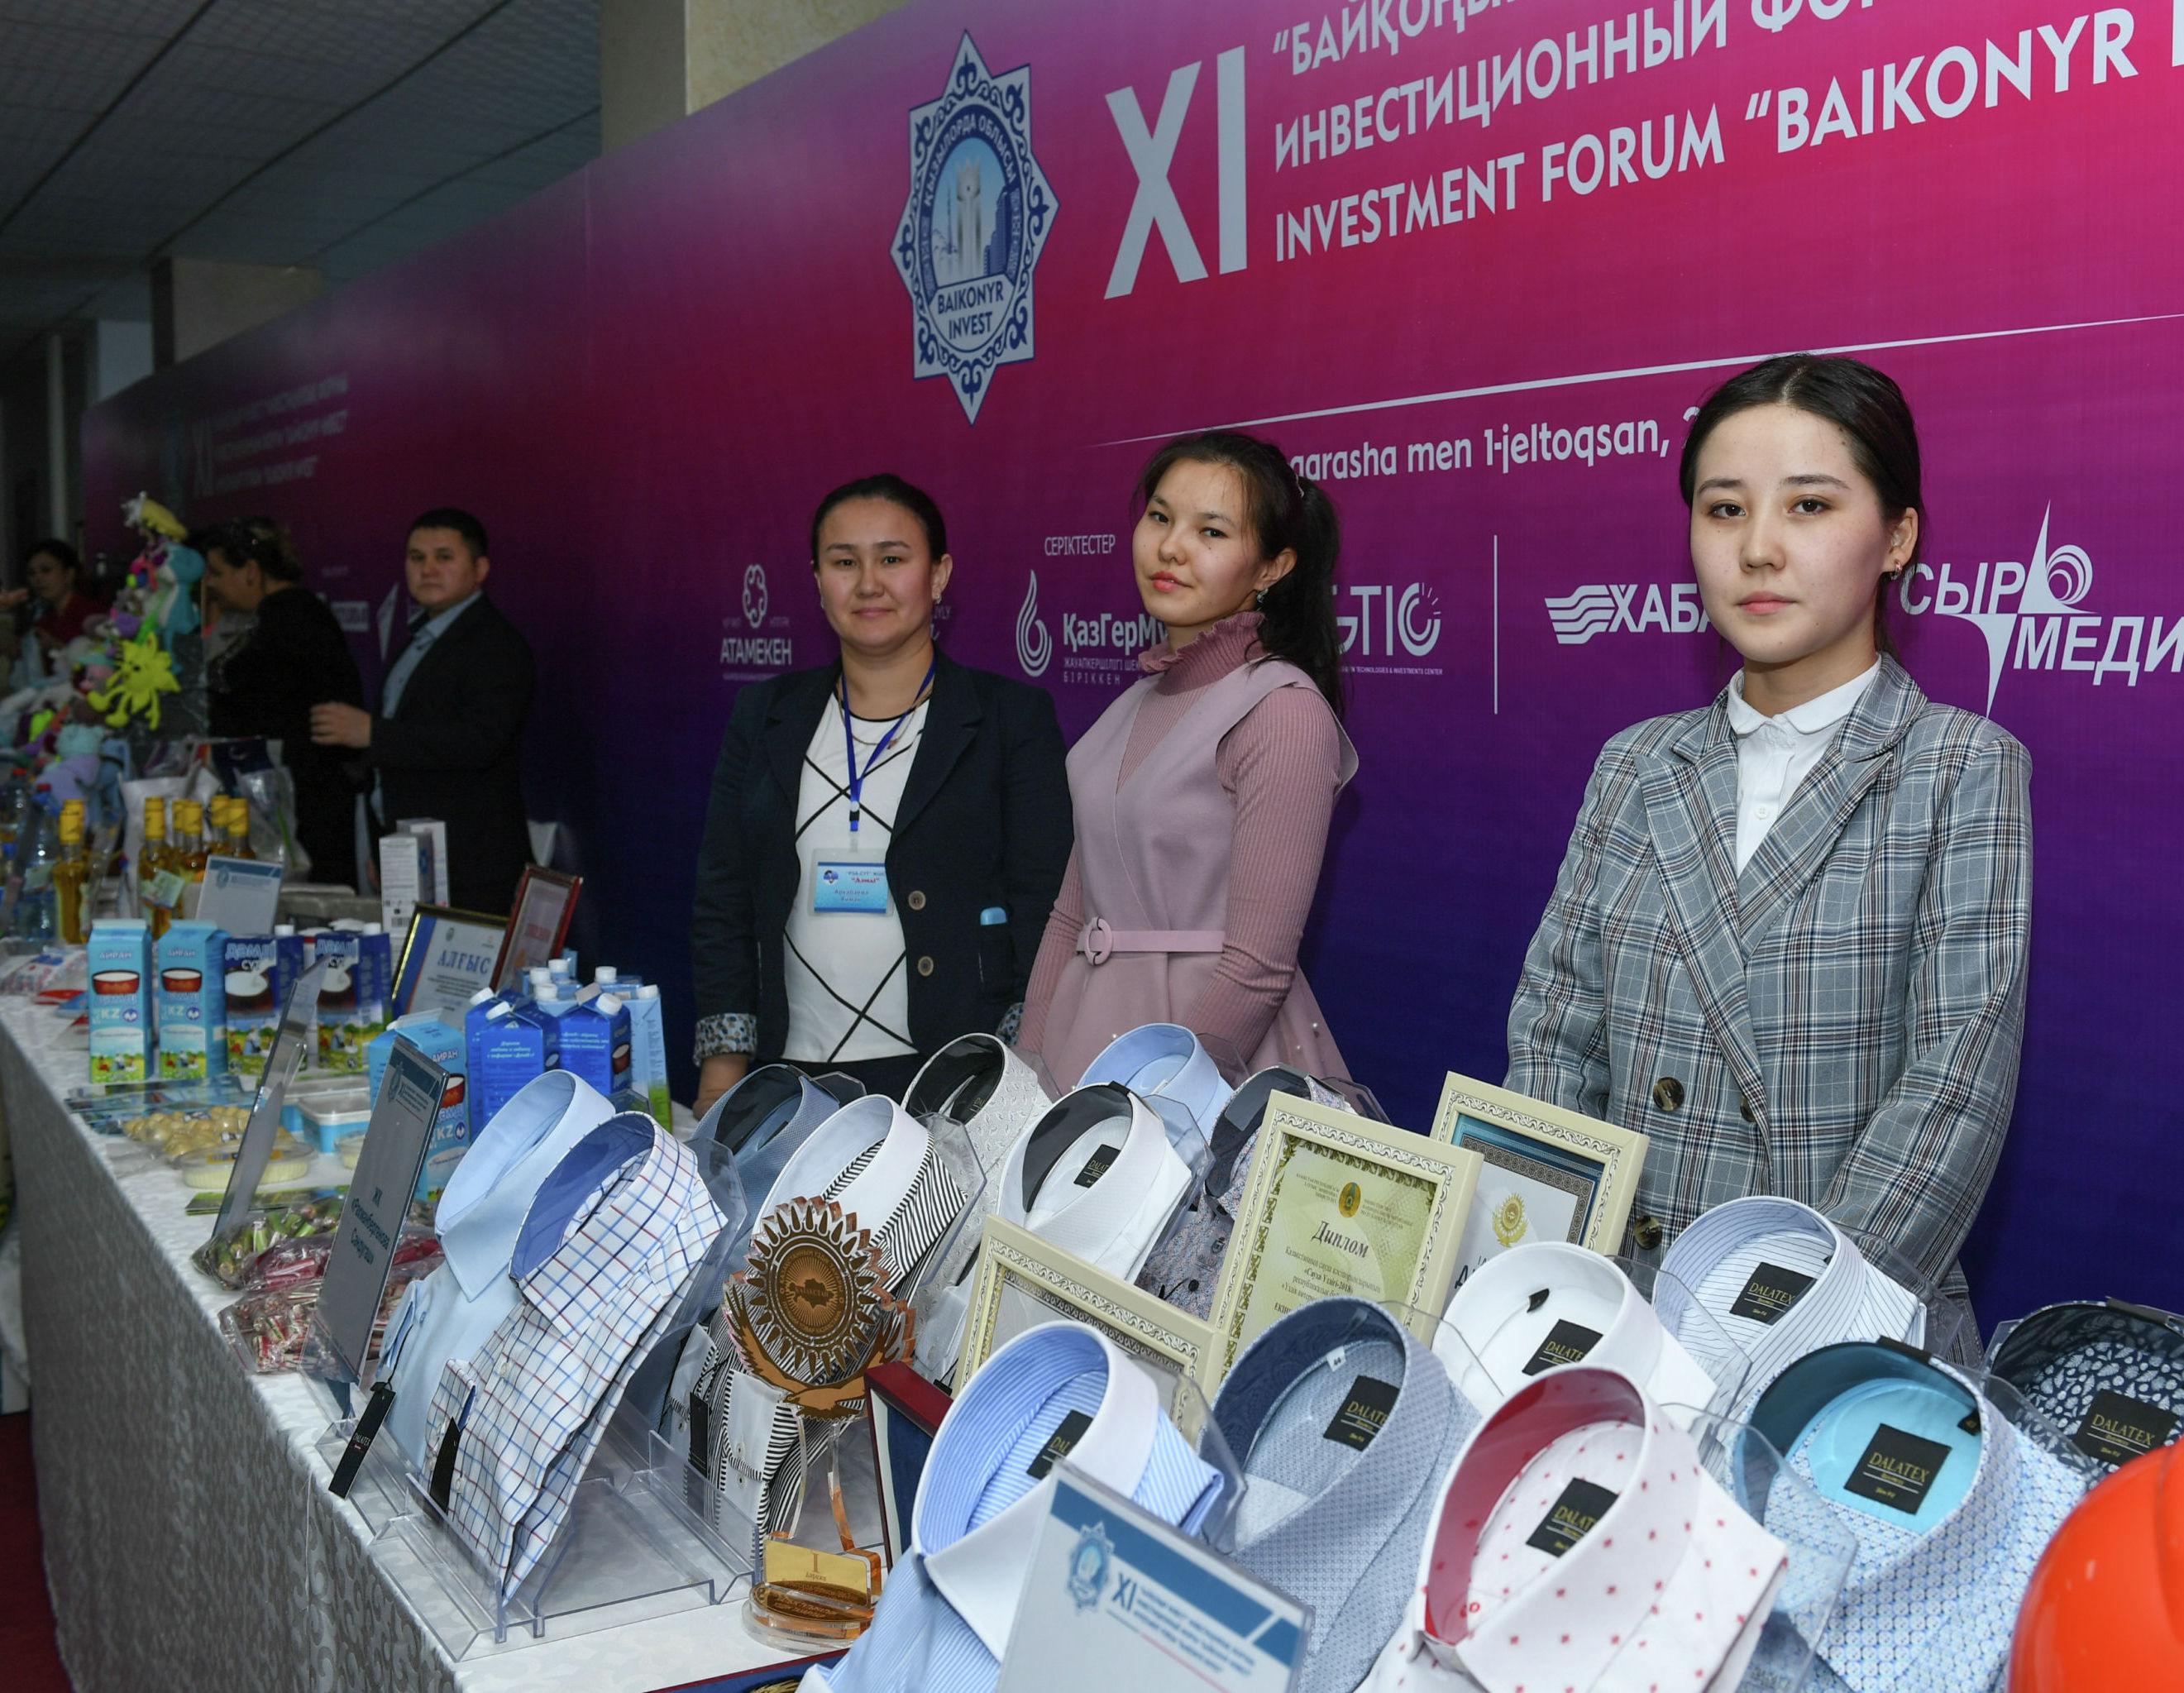 Инвестфорум Baikonyr Invest